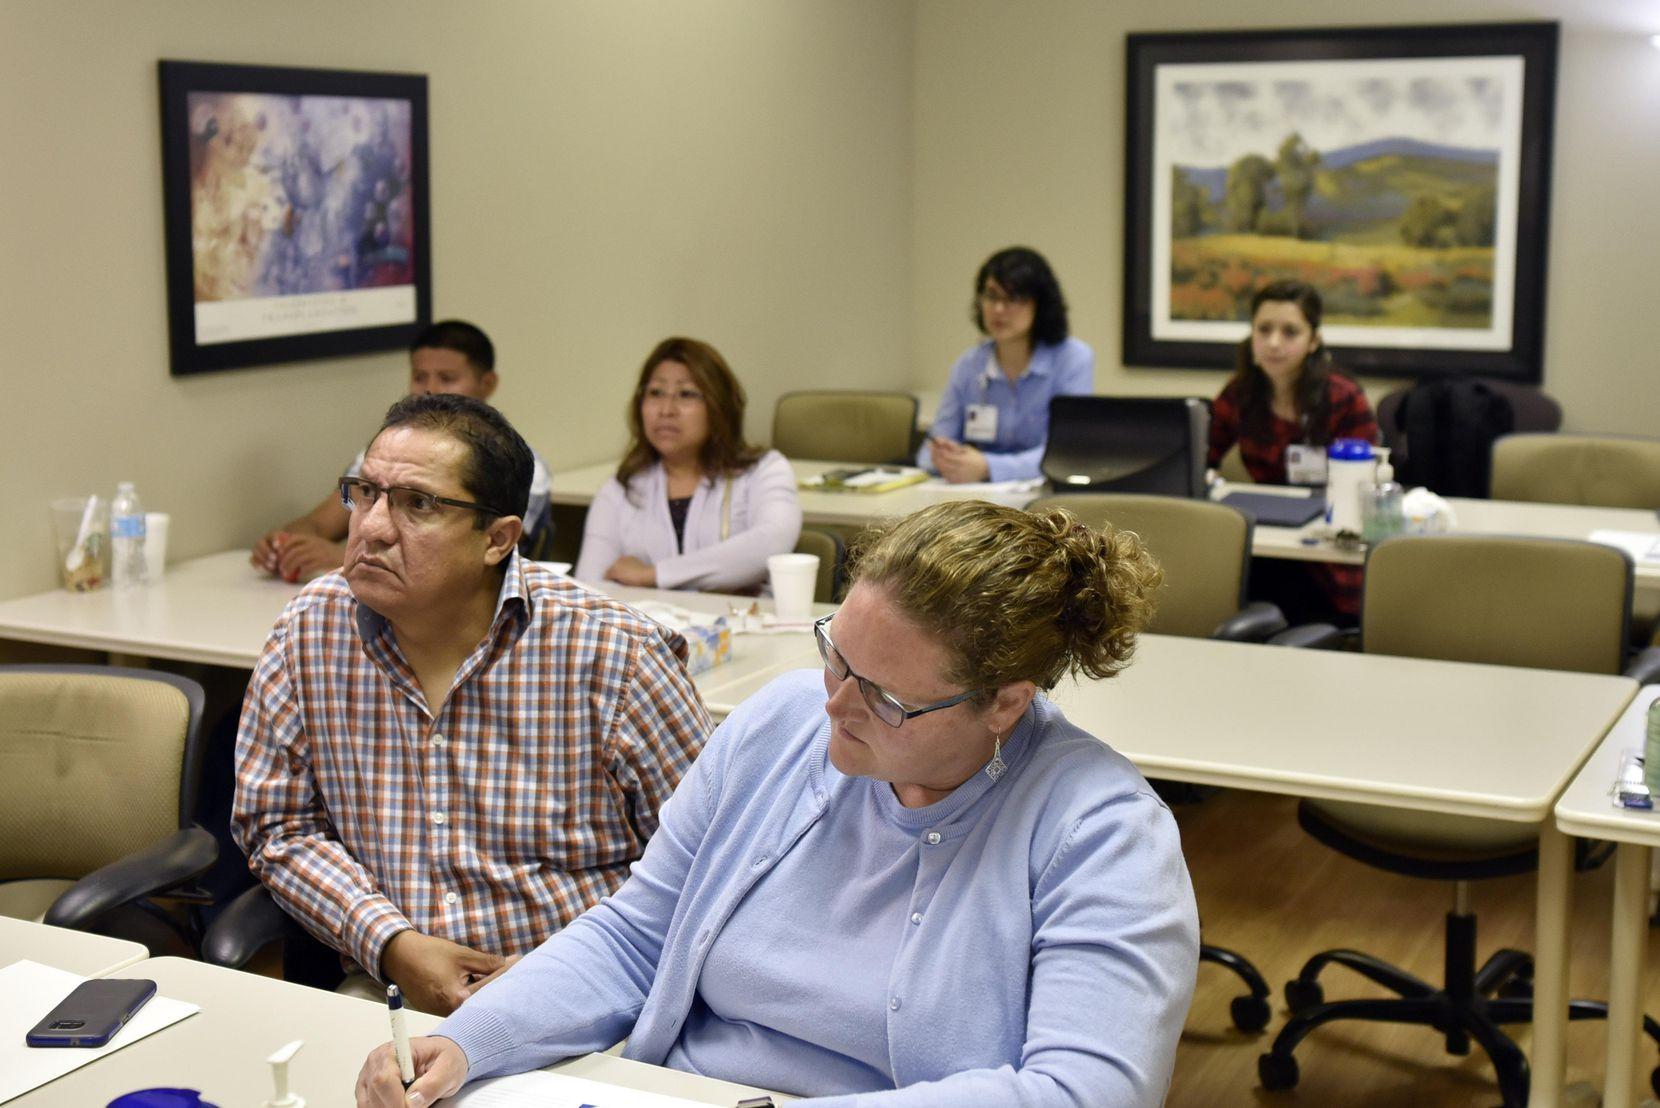 Pacientes reciben información sobre trasplante de riñón en The Dallas Nephrology Clinic, en Dallas. BEN TORRES/AL DÍA